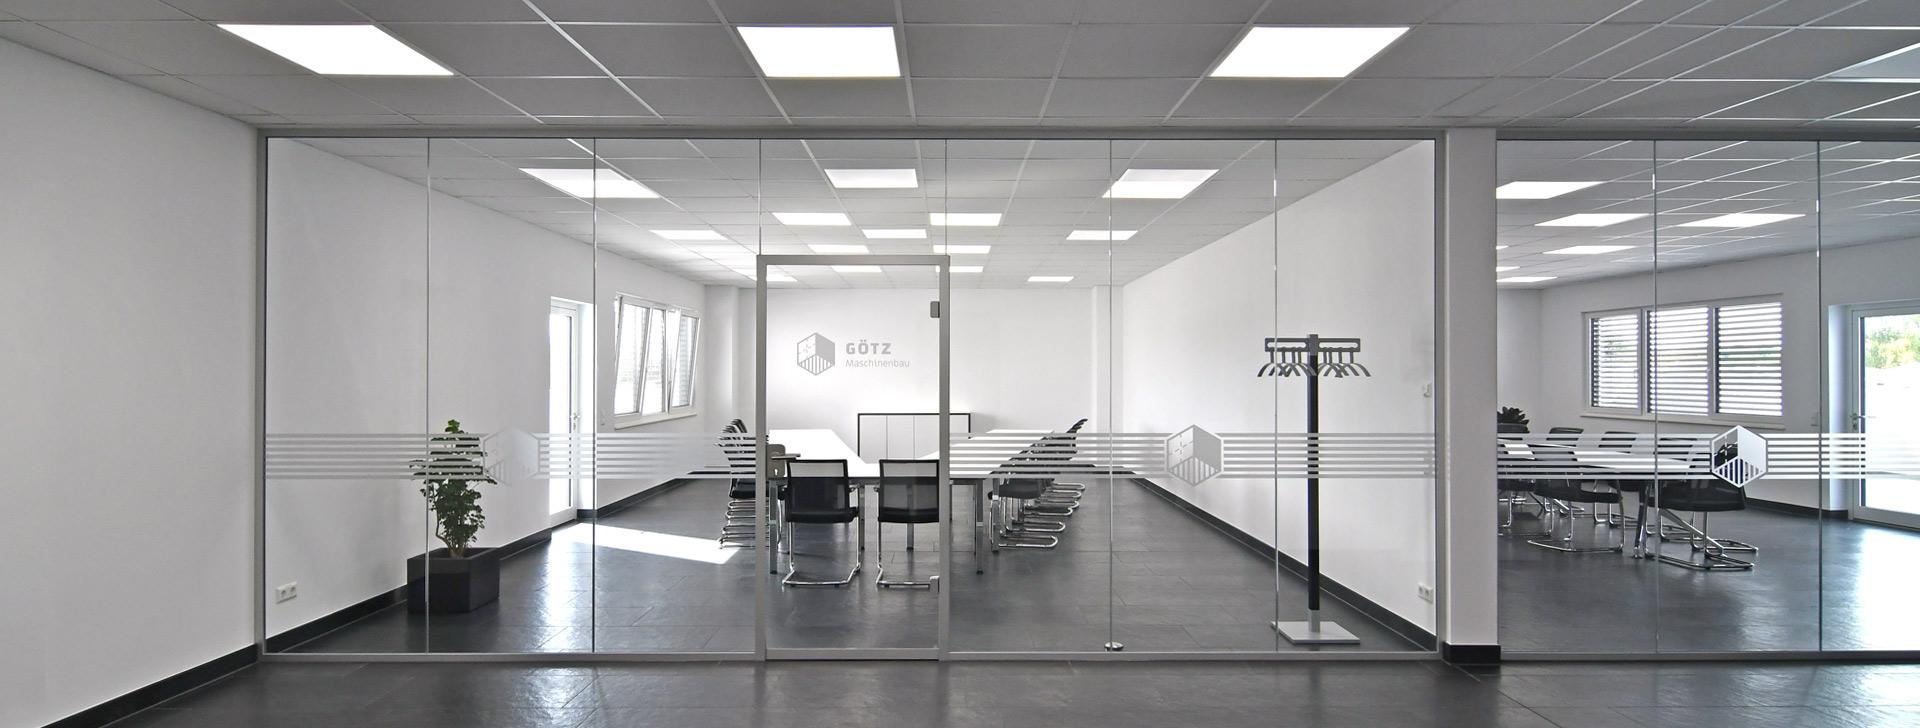 Büros mit Glaswänden